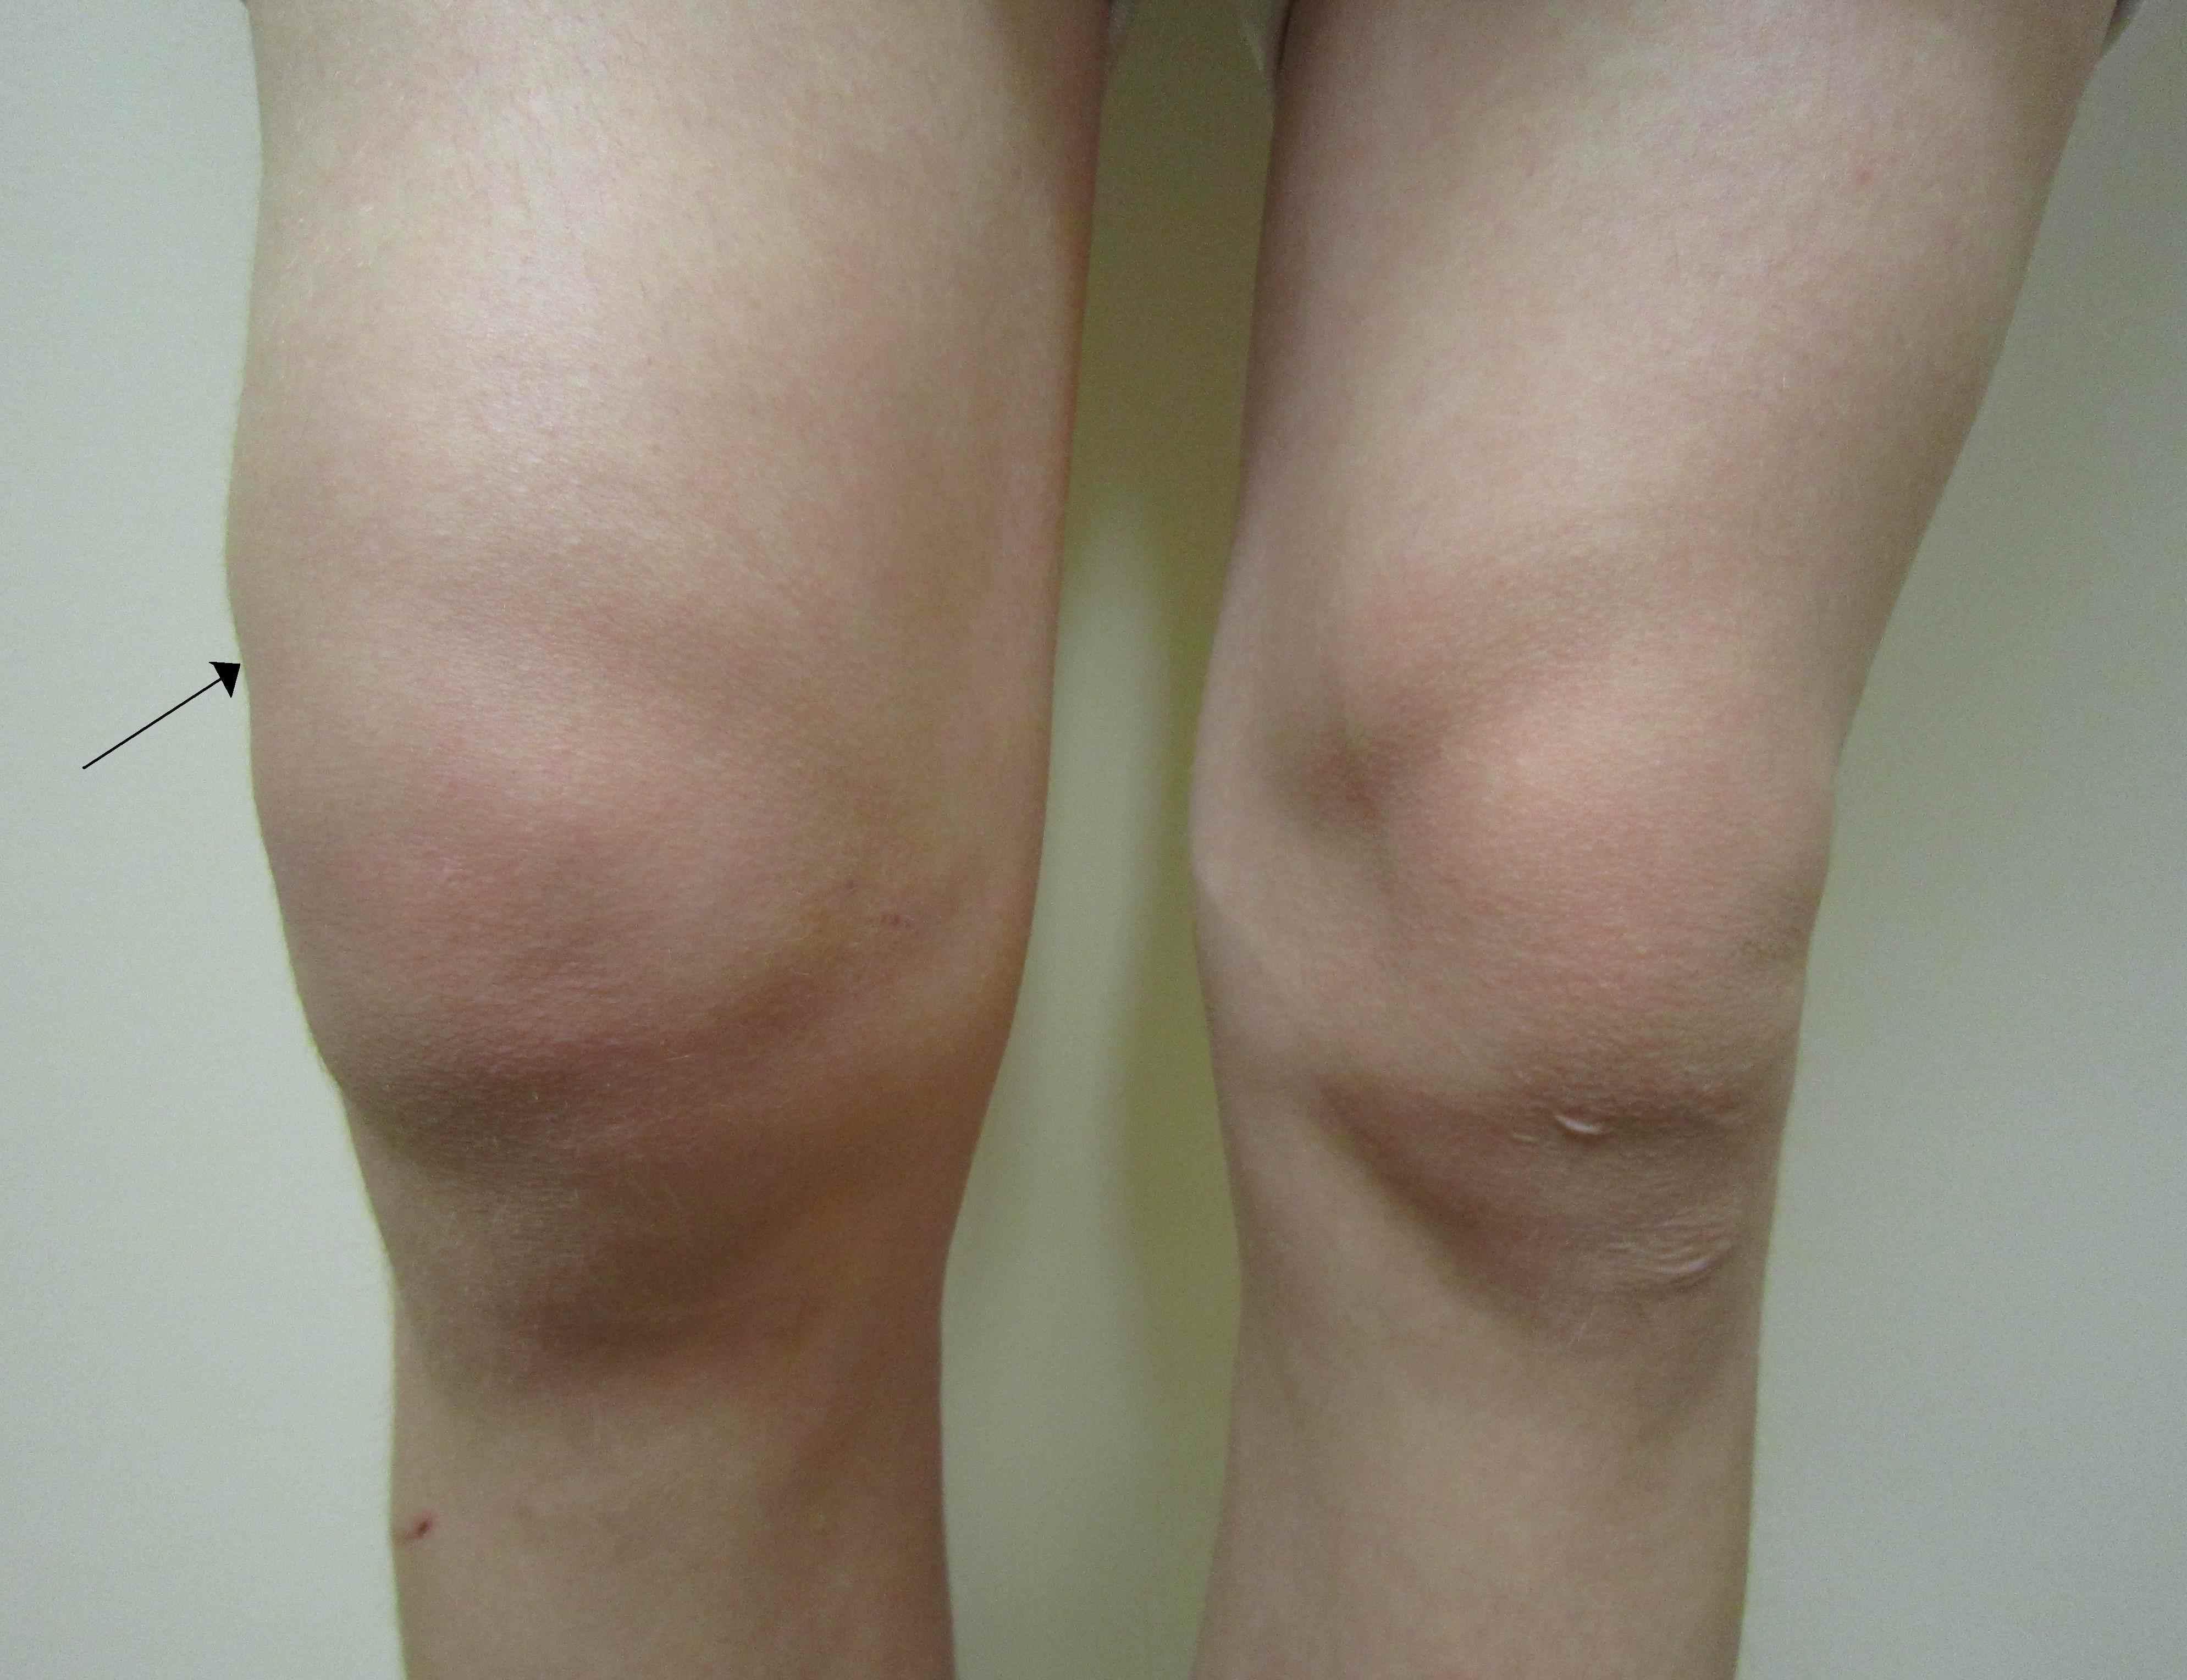 krakende knie zonder pijn